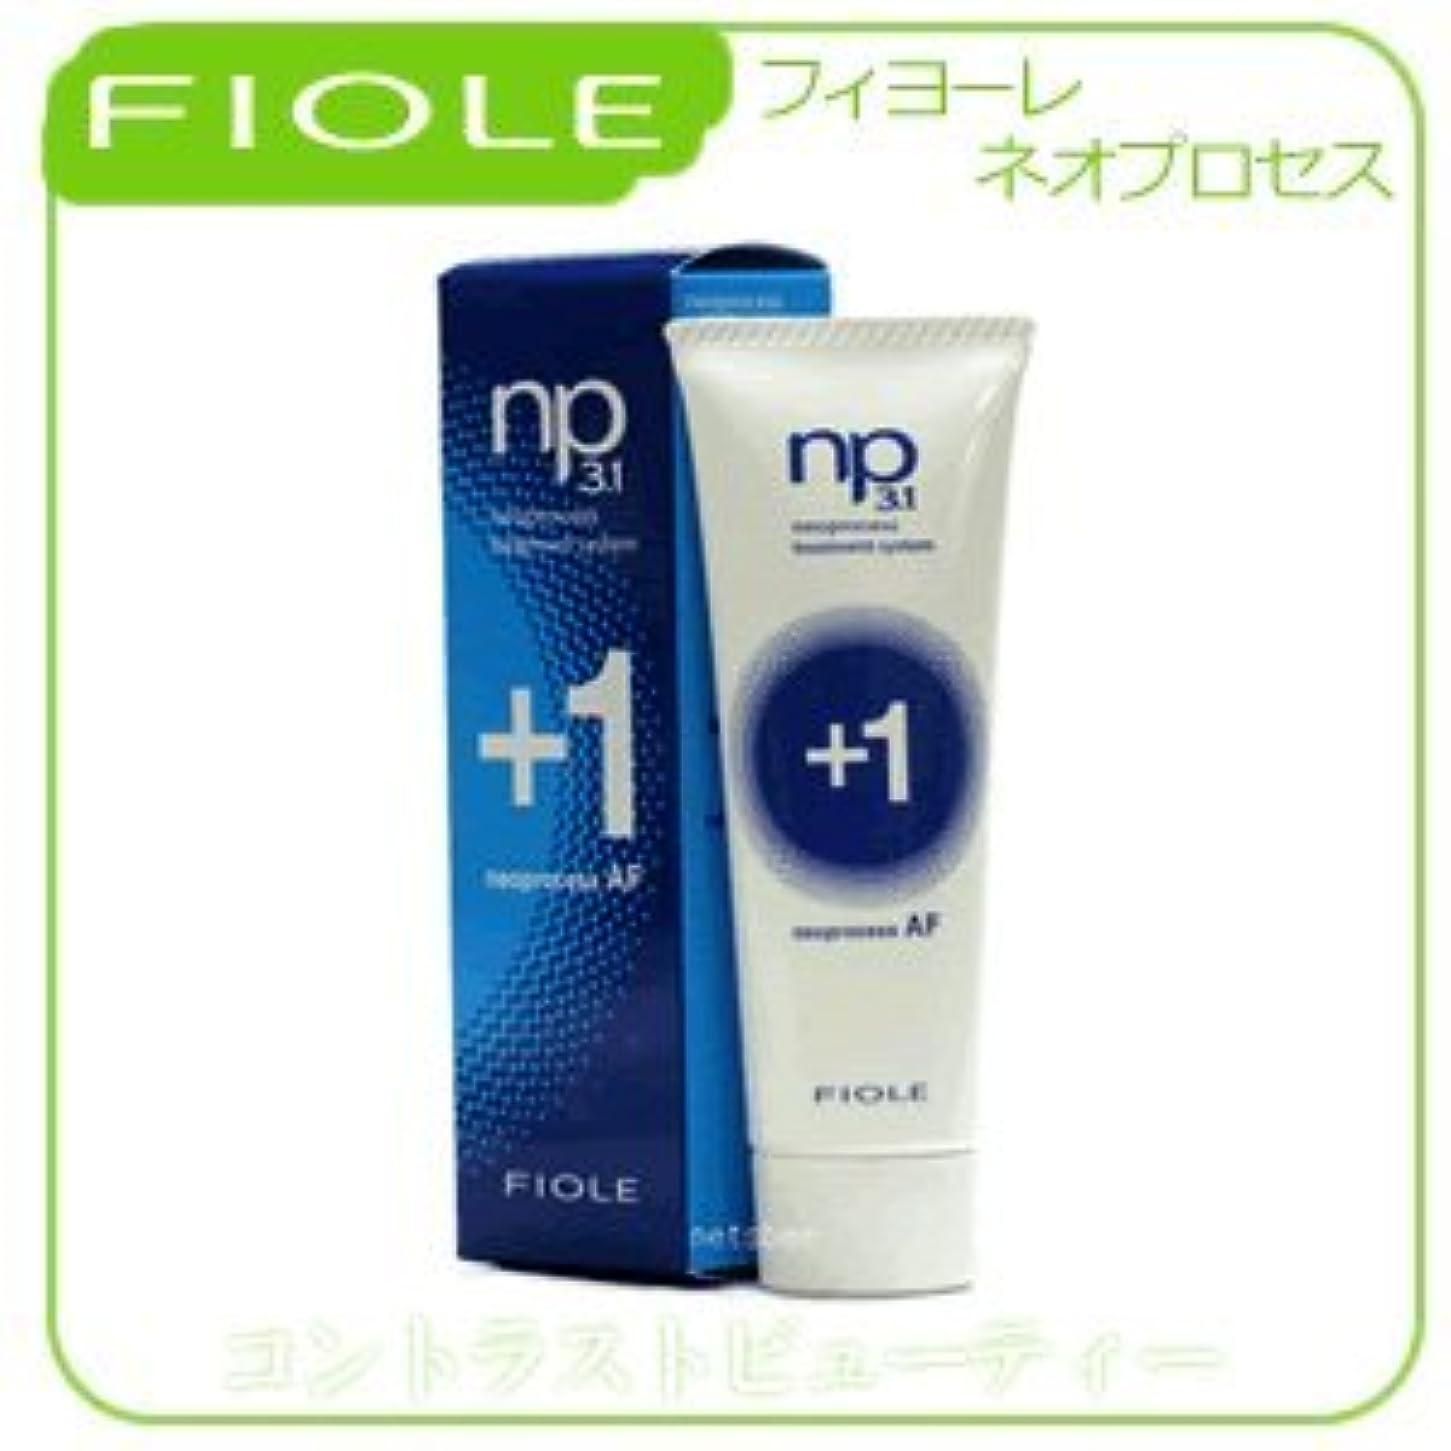 加速するミル定数【X5個セット】 フィヨーレ NP3.1 ネオプロセス AFプラス1 100g FIOLE ネオプロセス